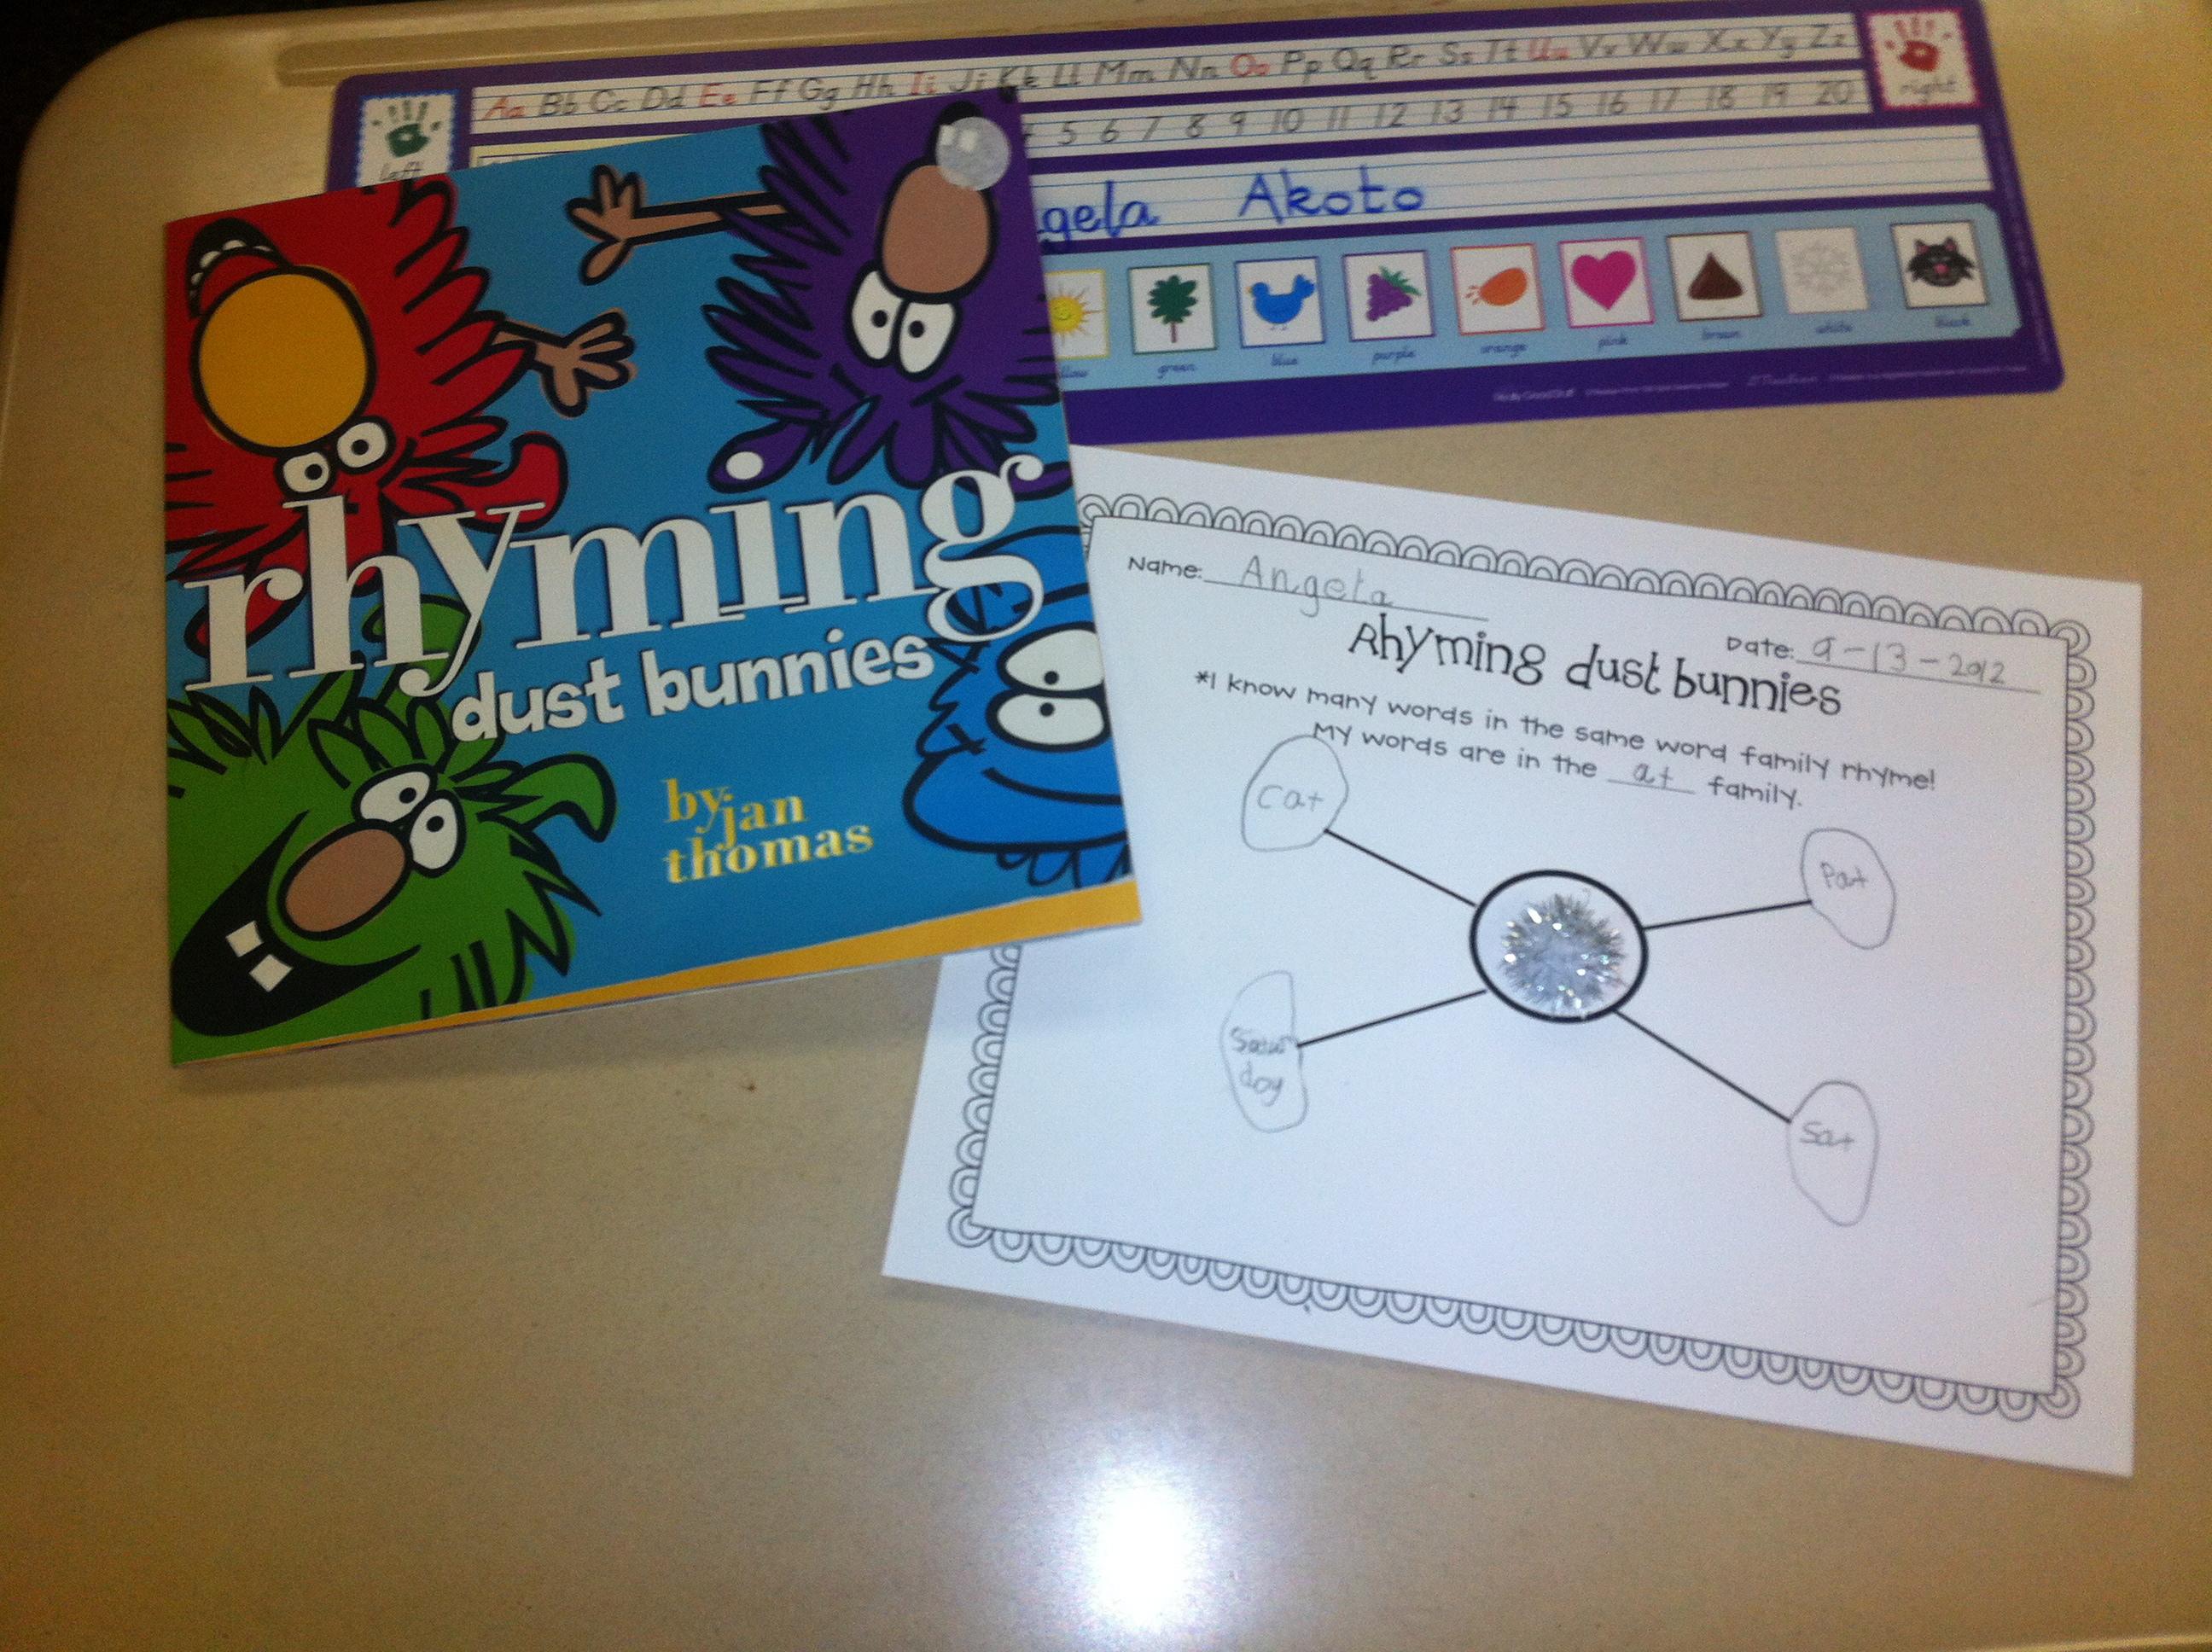 Rhyming Dust Bunnies Worksheet